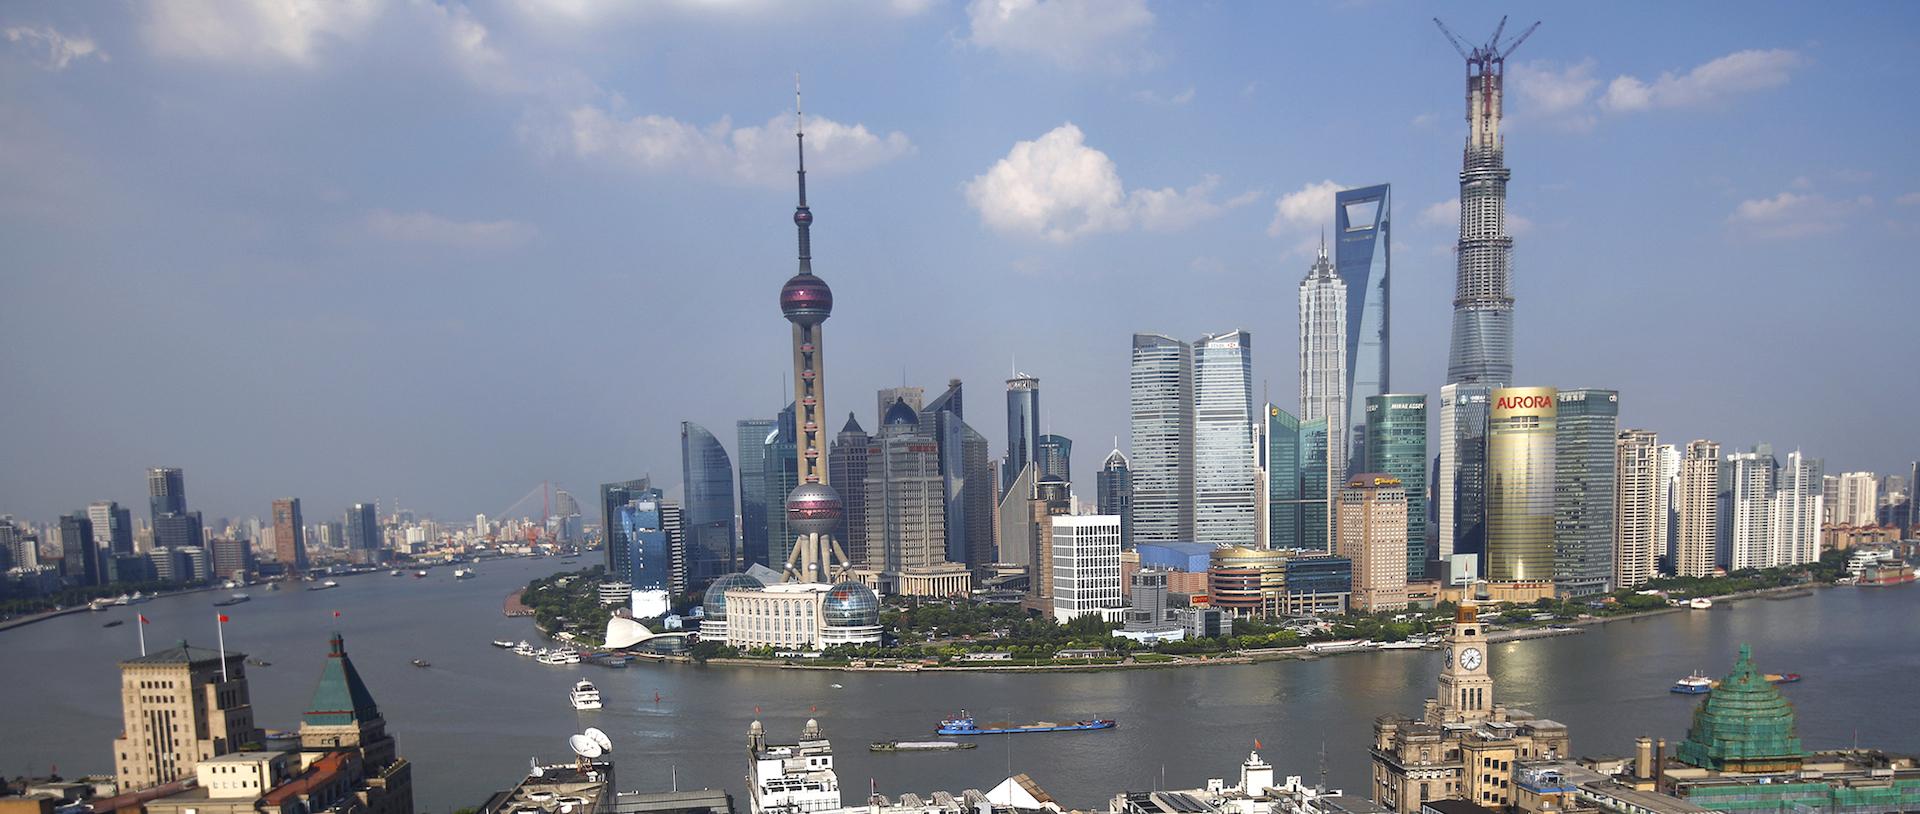 Le quartier d'affaires de Luziazui à Shanghai, sur la rive est du Huangpu. (Source : The Atlantic)